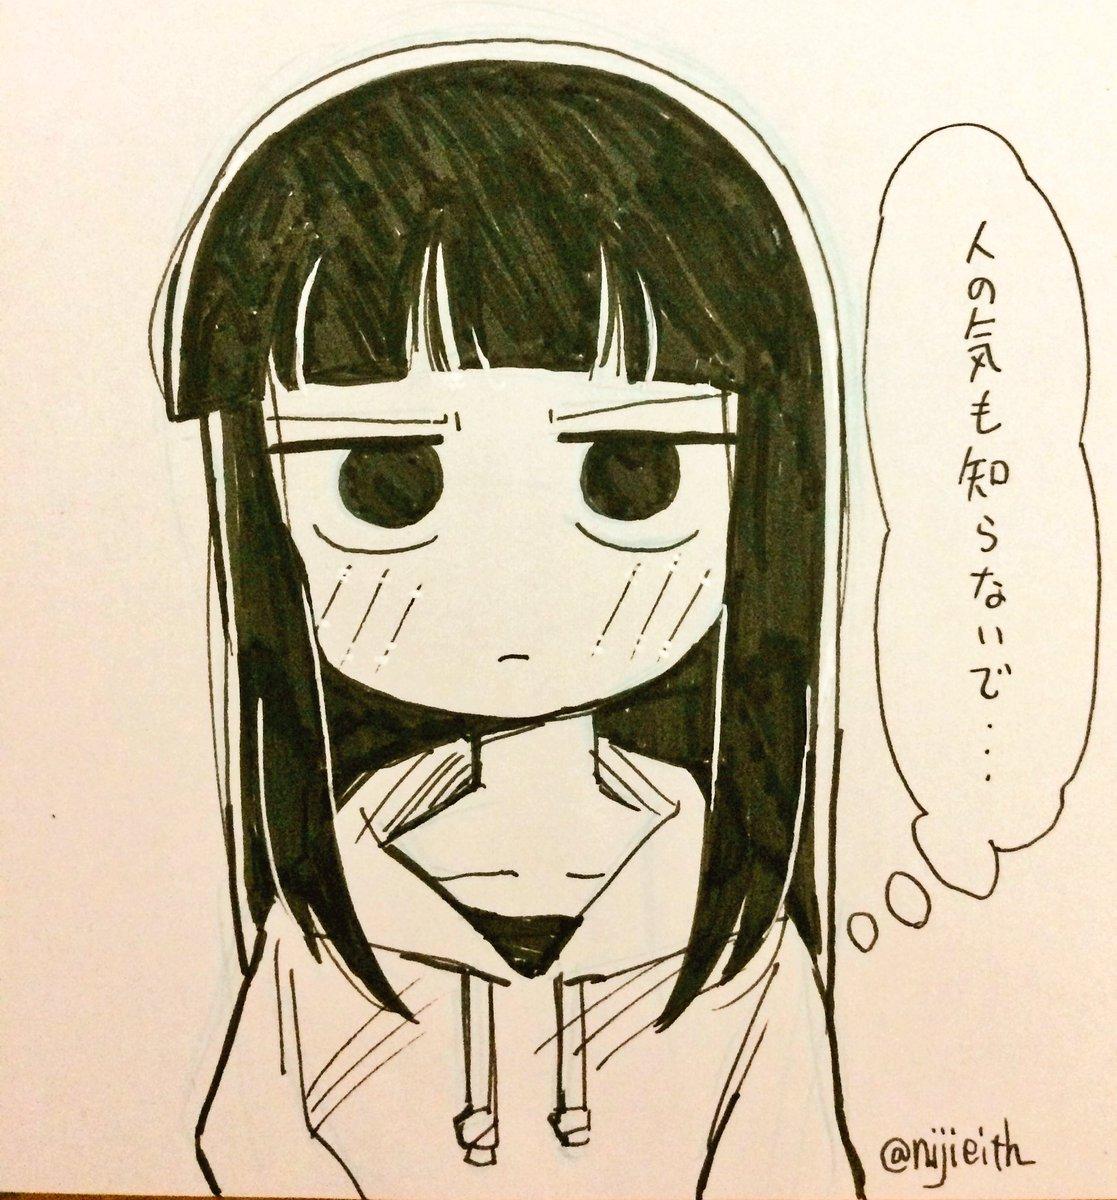 神林 #ド嬢